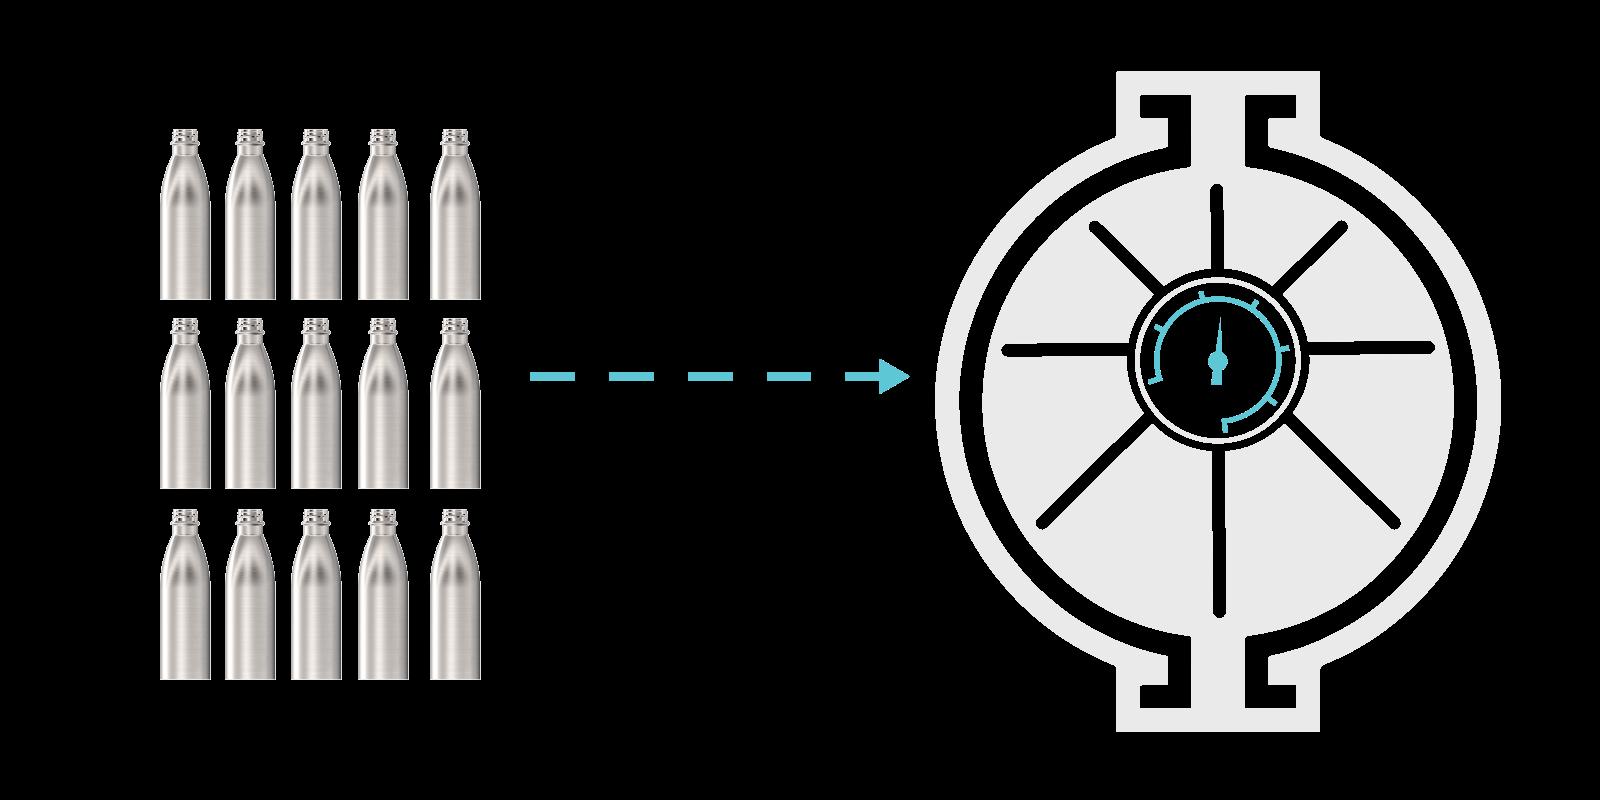 Hoe we onze metalen flessen maken - Step5